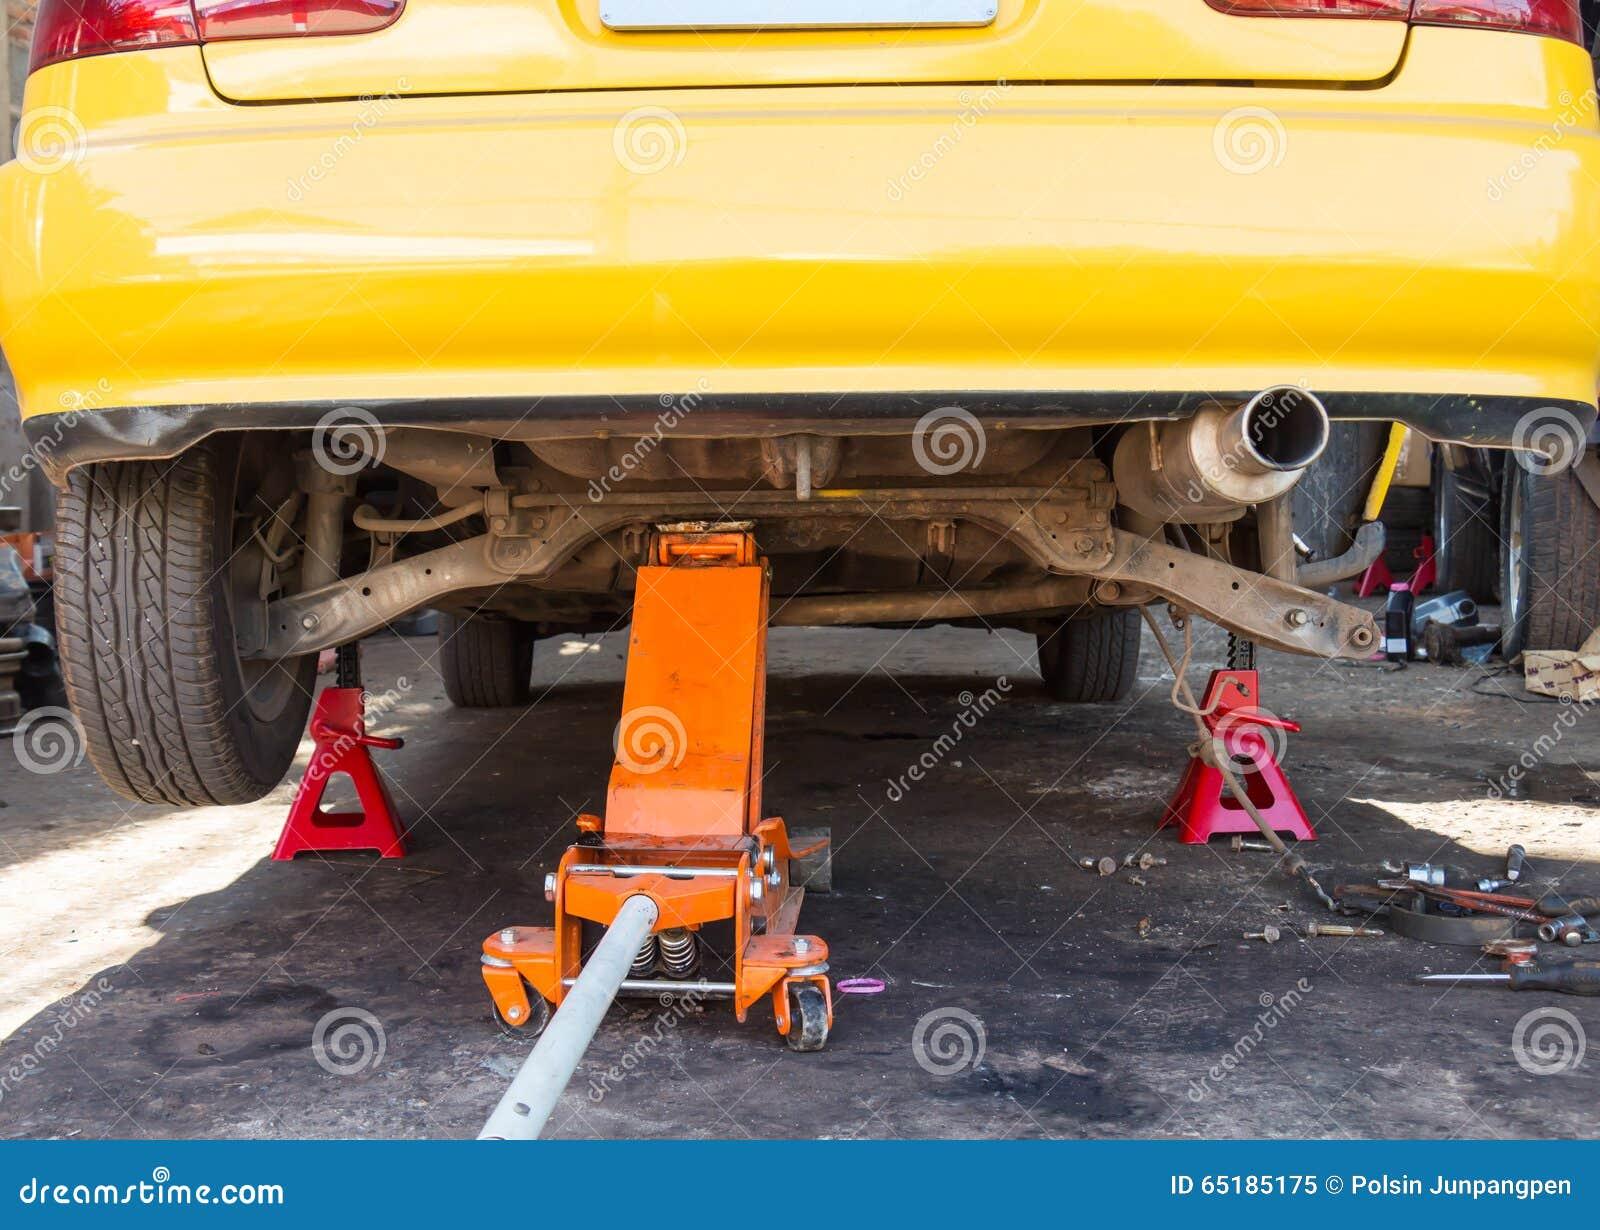 Coche con un enchufe para levantar la rueda posterior para la reparación del freno